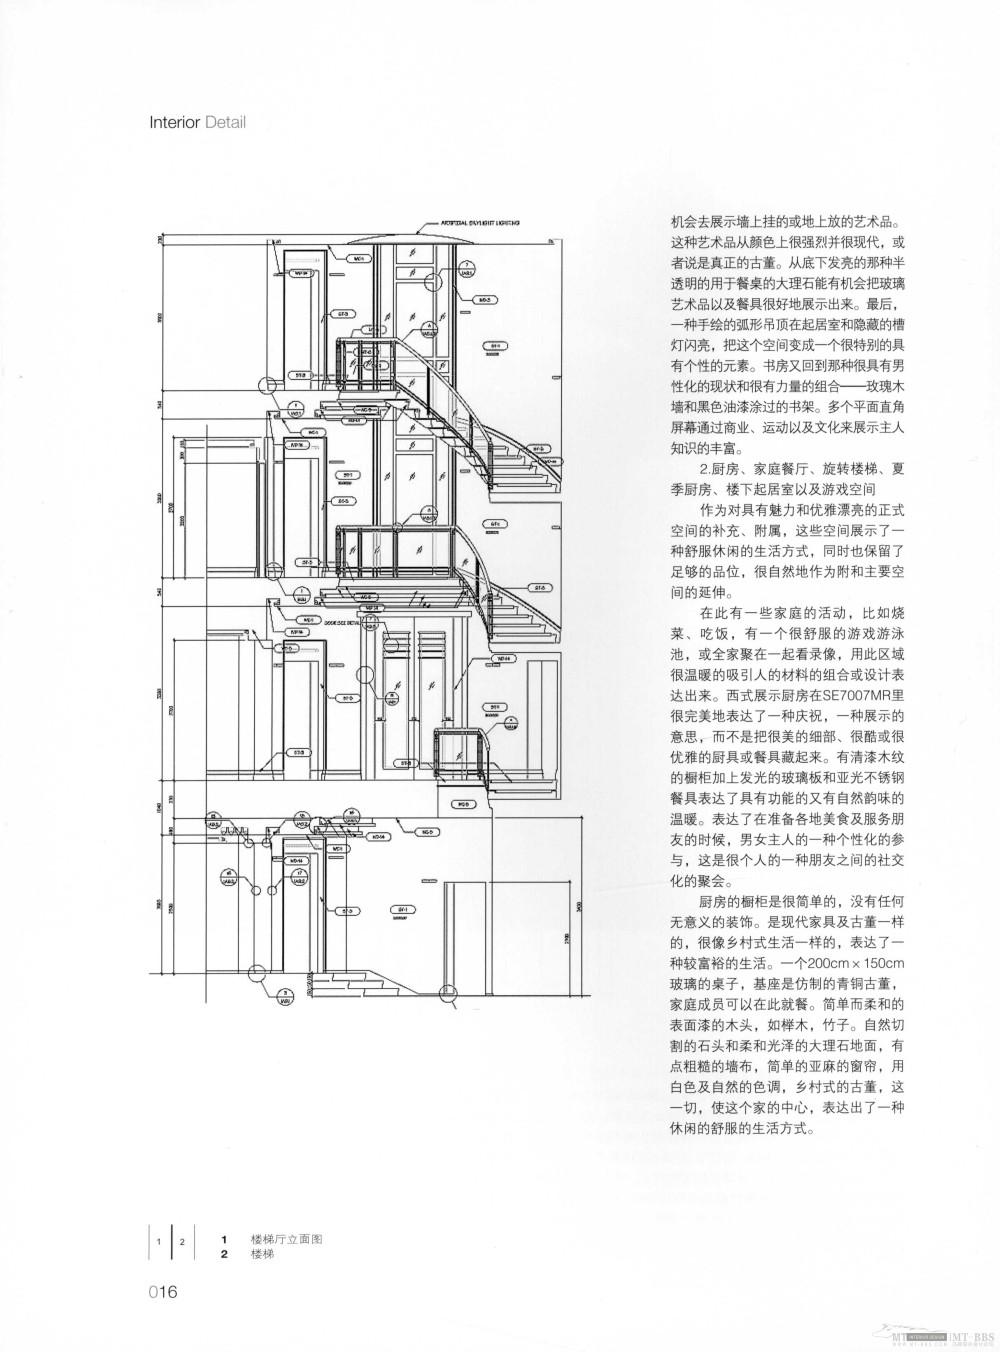 17本家装图册,已传完。_4 细部-个性家居_页面_011.jpg